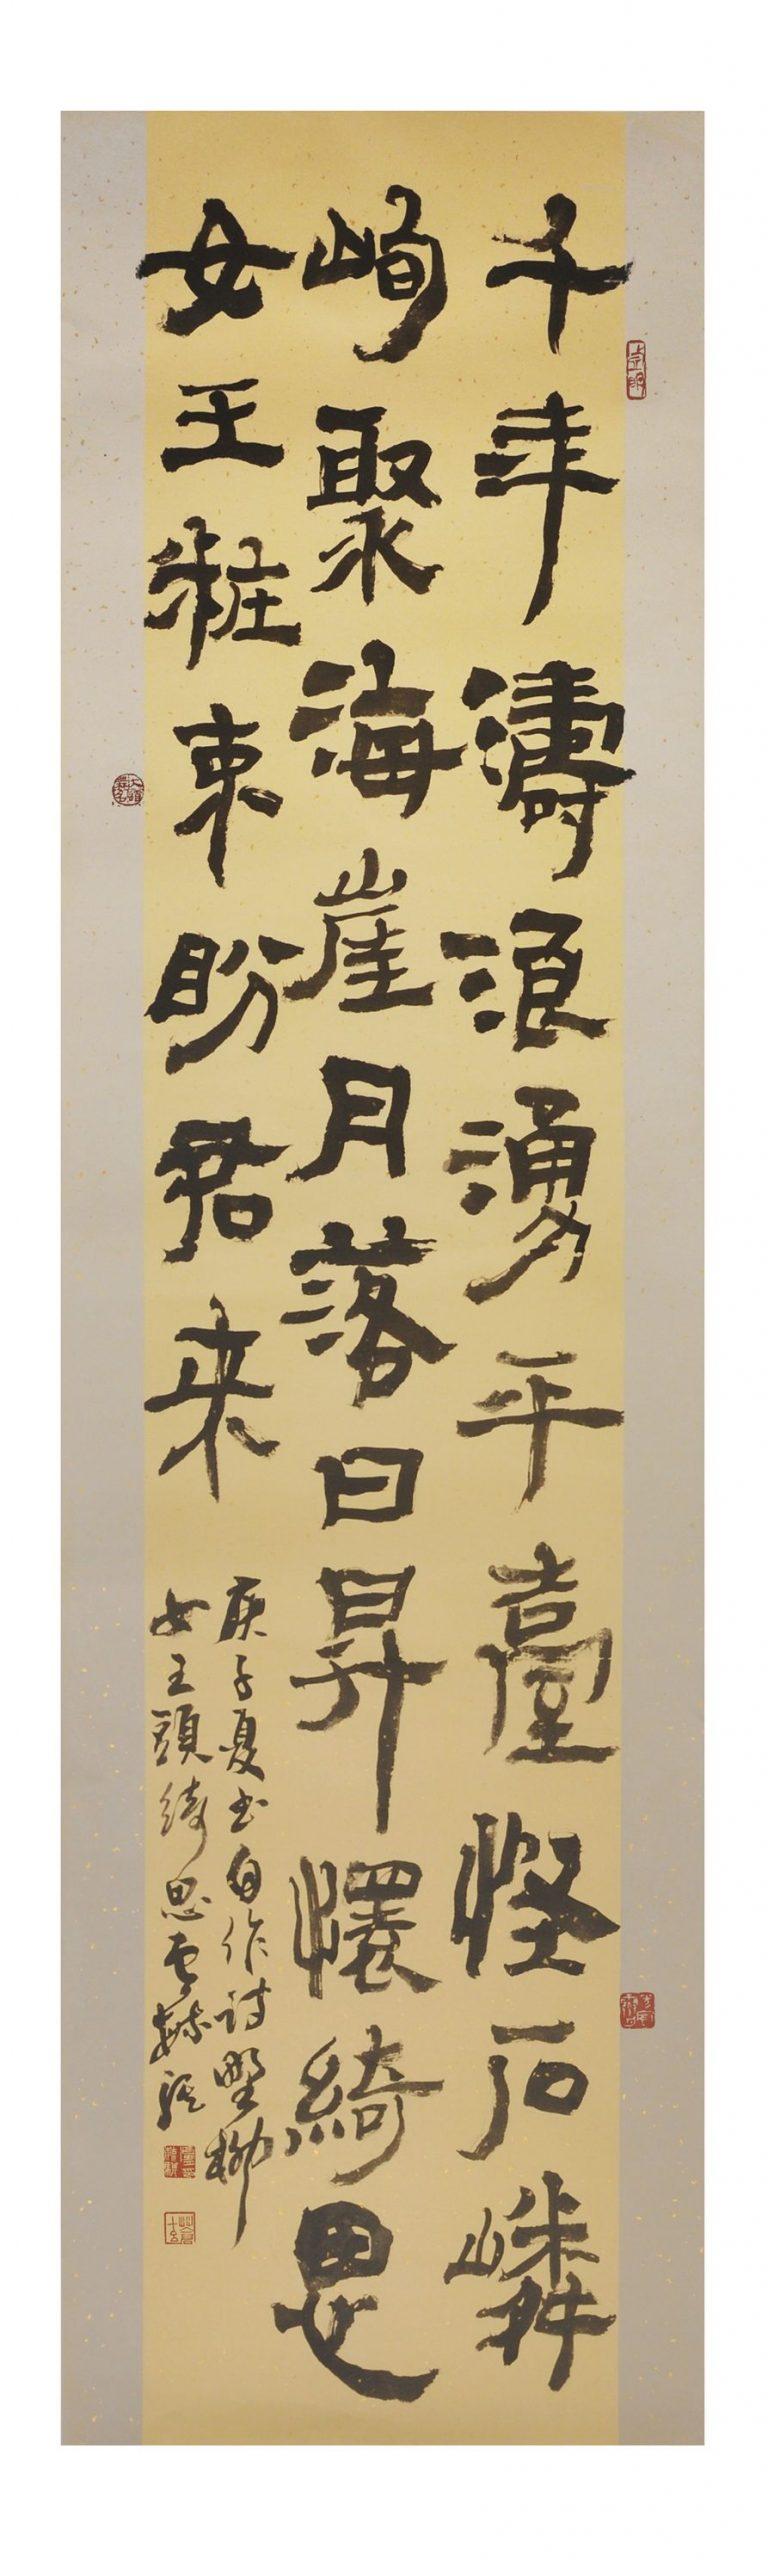 澄心書會以書篆會友 南投縣文化局日月展覽室展出50多幅創作